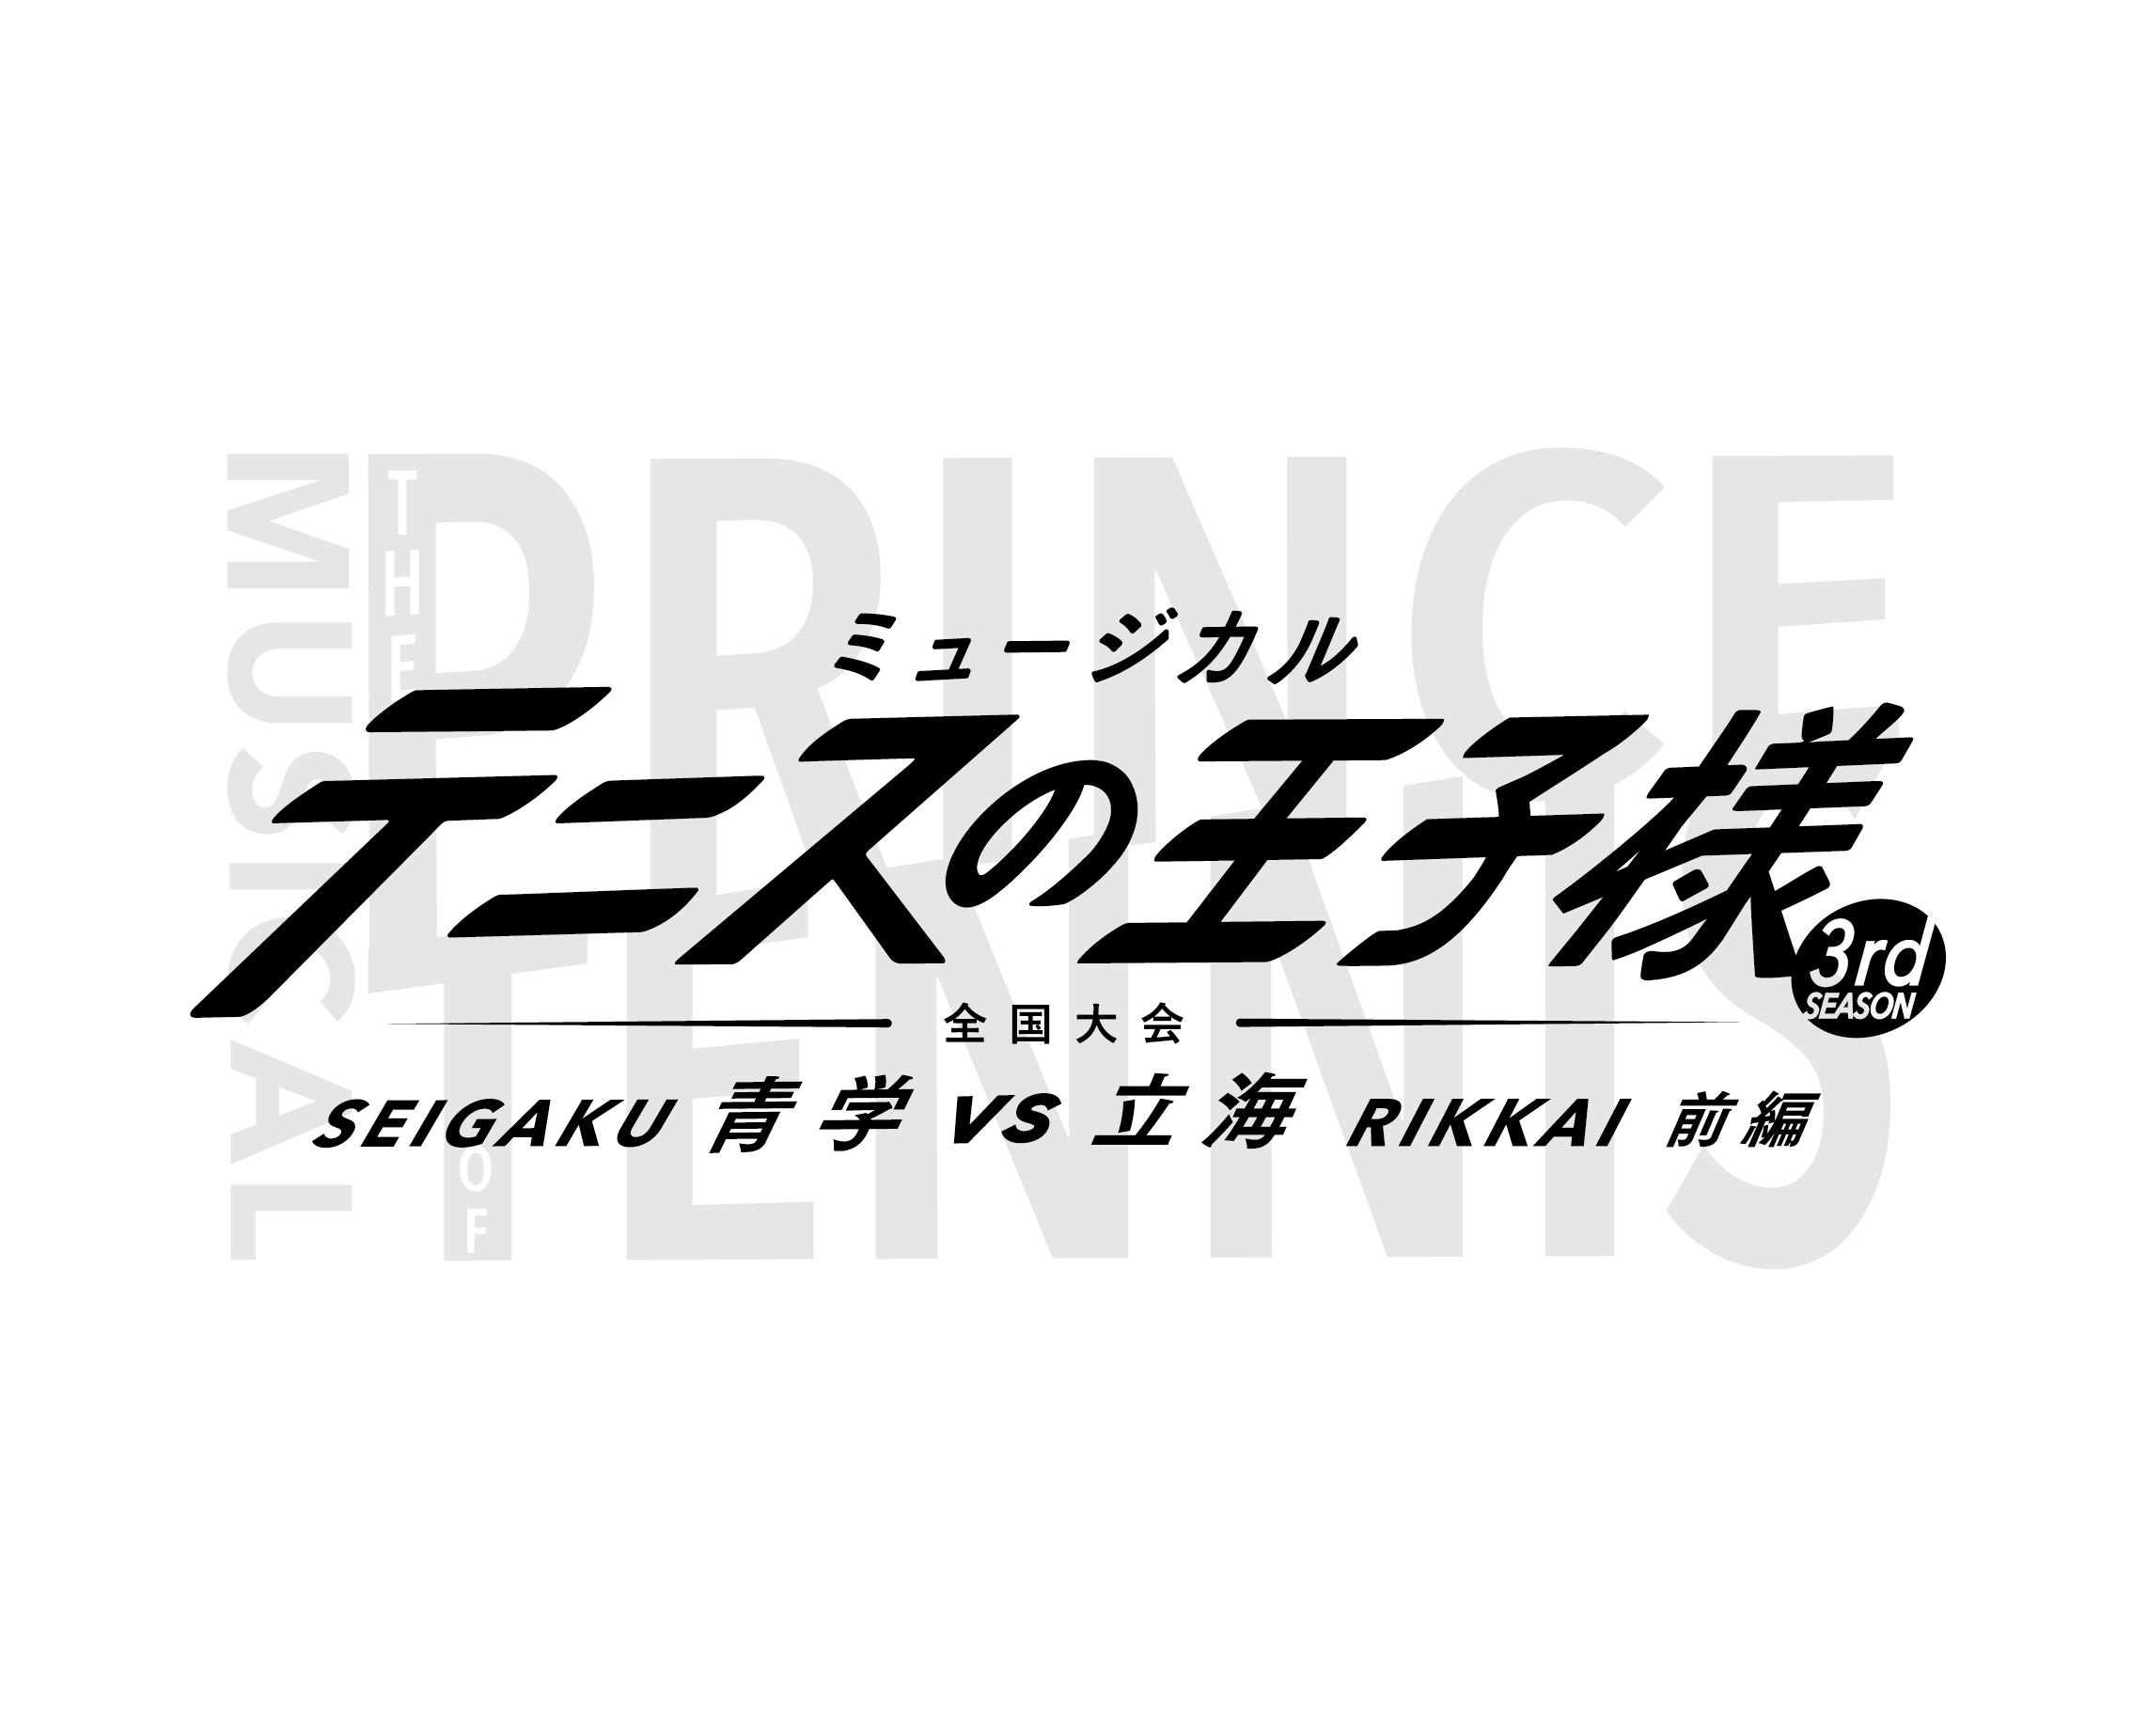 ミュージカル『テニスの王子様』3rdシーズン 全国大会 青学vs立海 前編 Blu-ray&DVD発売記念イベント